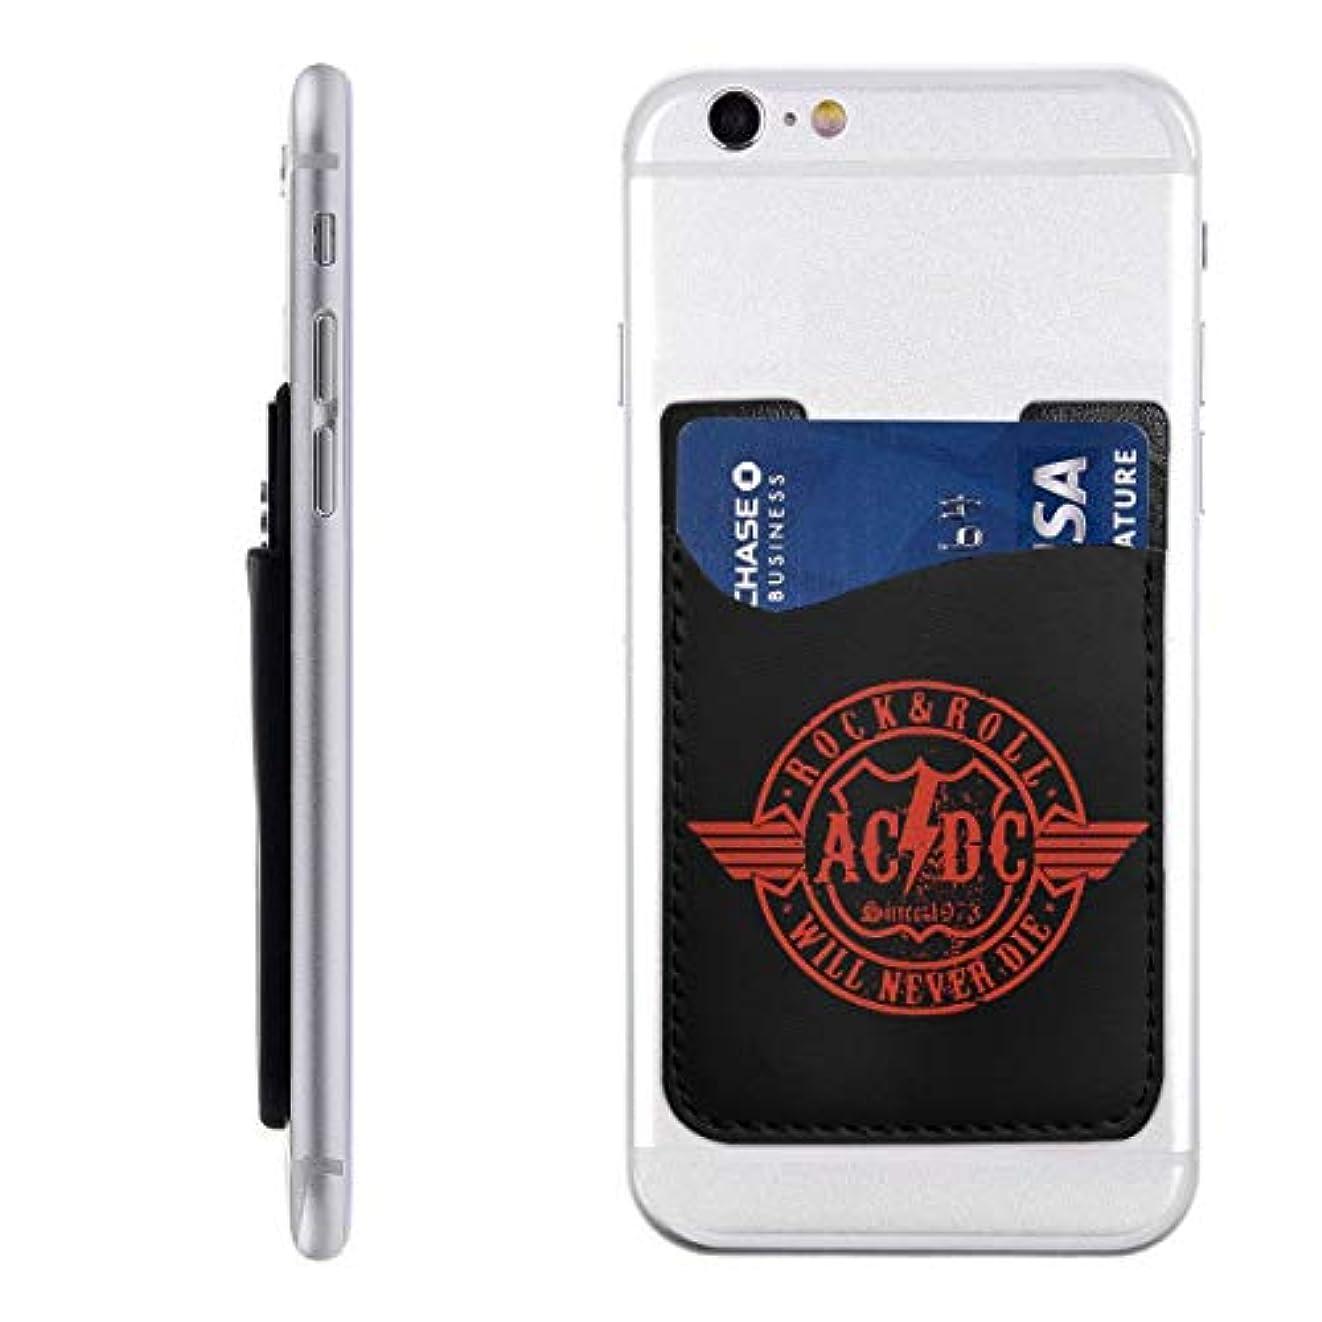 洞察力のある密度作り上げるPU スマホ カードケース 貼り付け ACDC スマートフォン ポケットカード カード収納 大容量 軽量 持ち運びが簡単 全機種対応 6.2X9CM